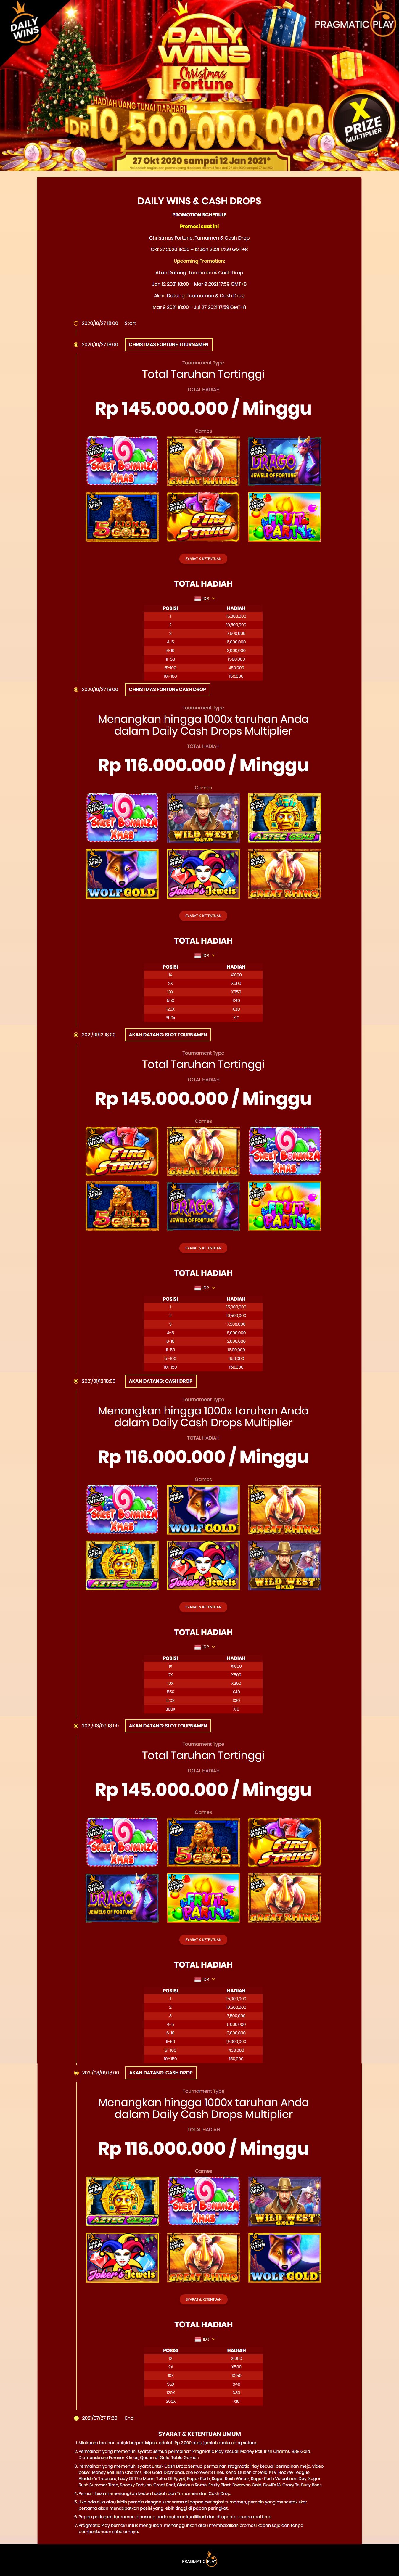 MPOBOS Event Slot Online Terbesar Berhadiah Ratusan Juta